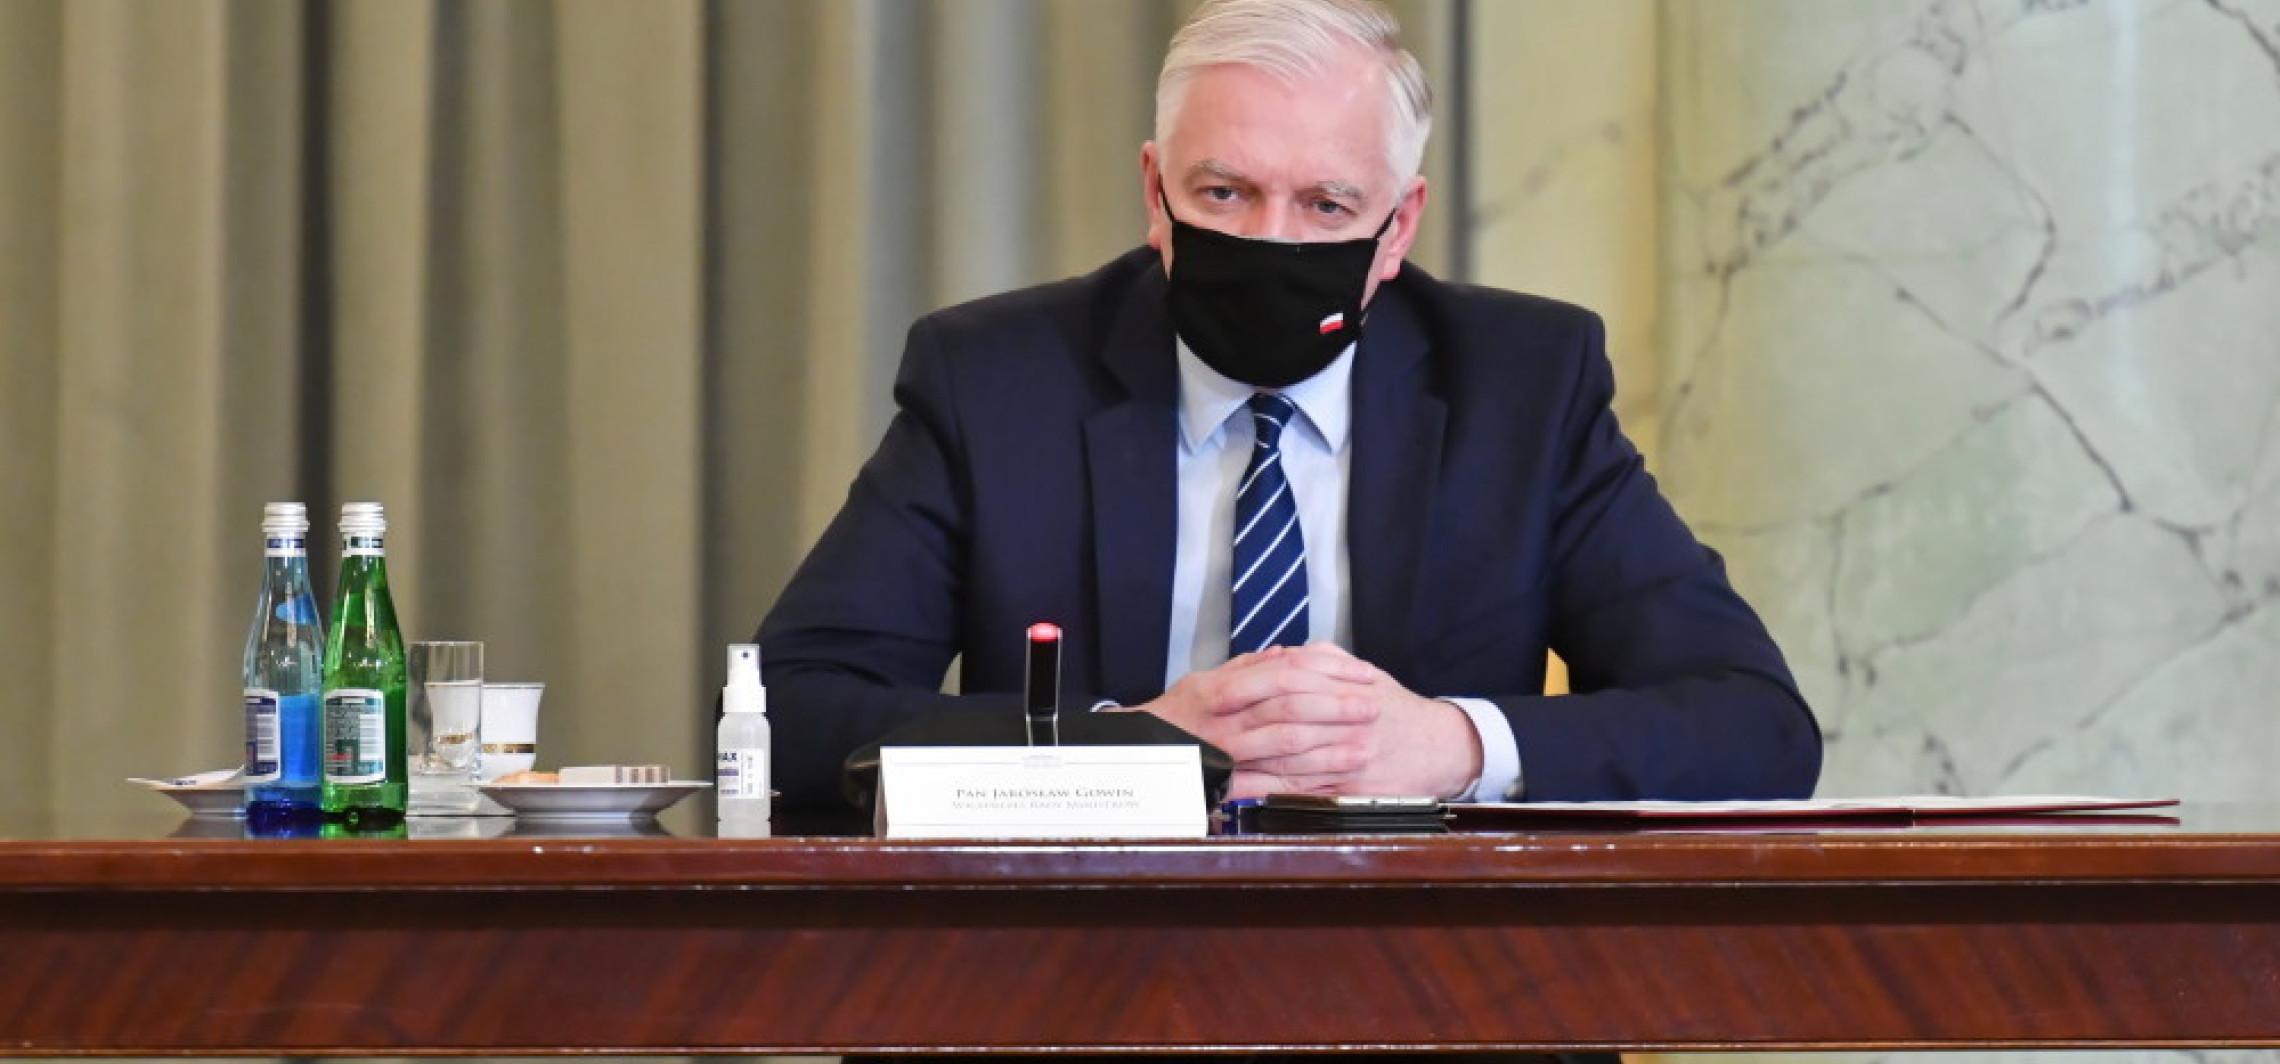 Kraj - Gowin: od 4 maja otwarty powinien być cały handel i siłownie